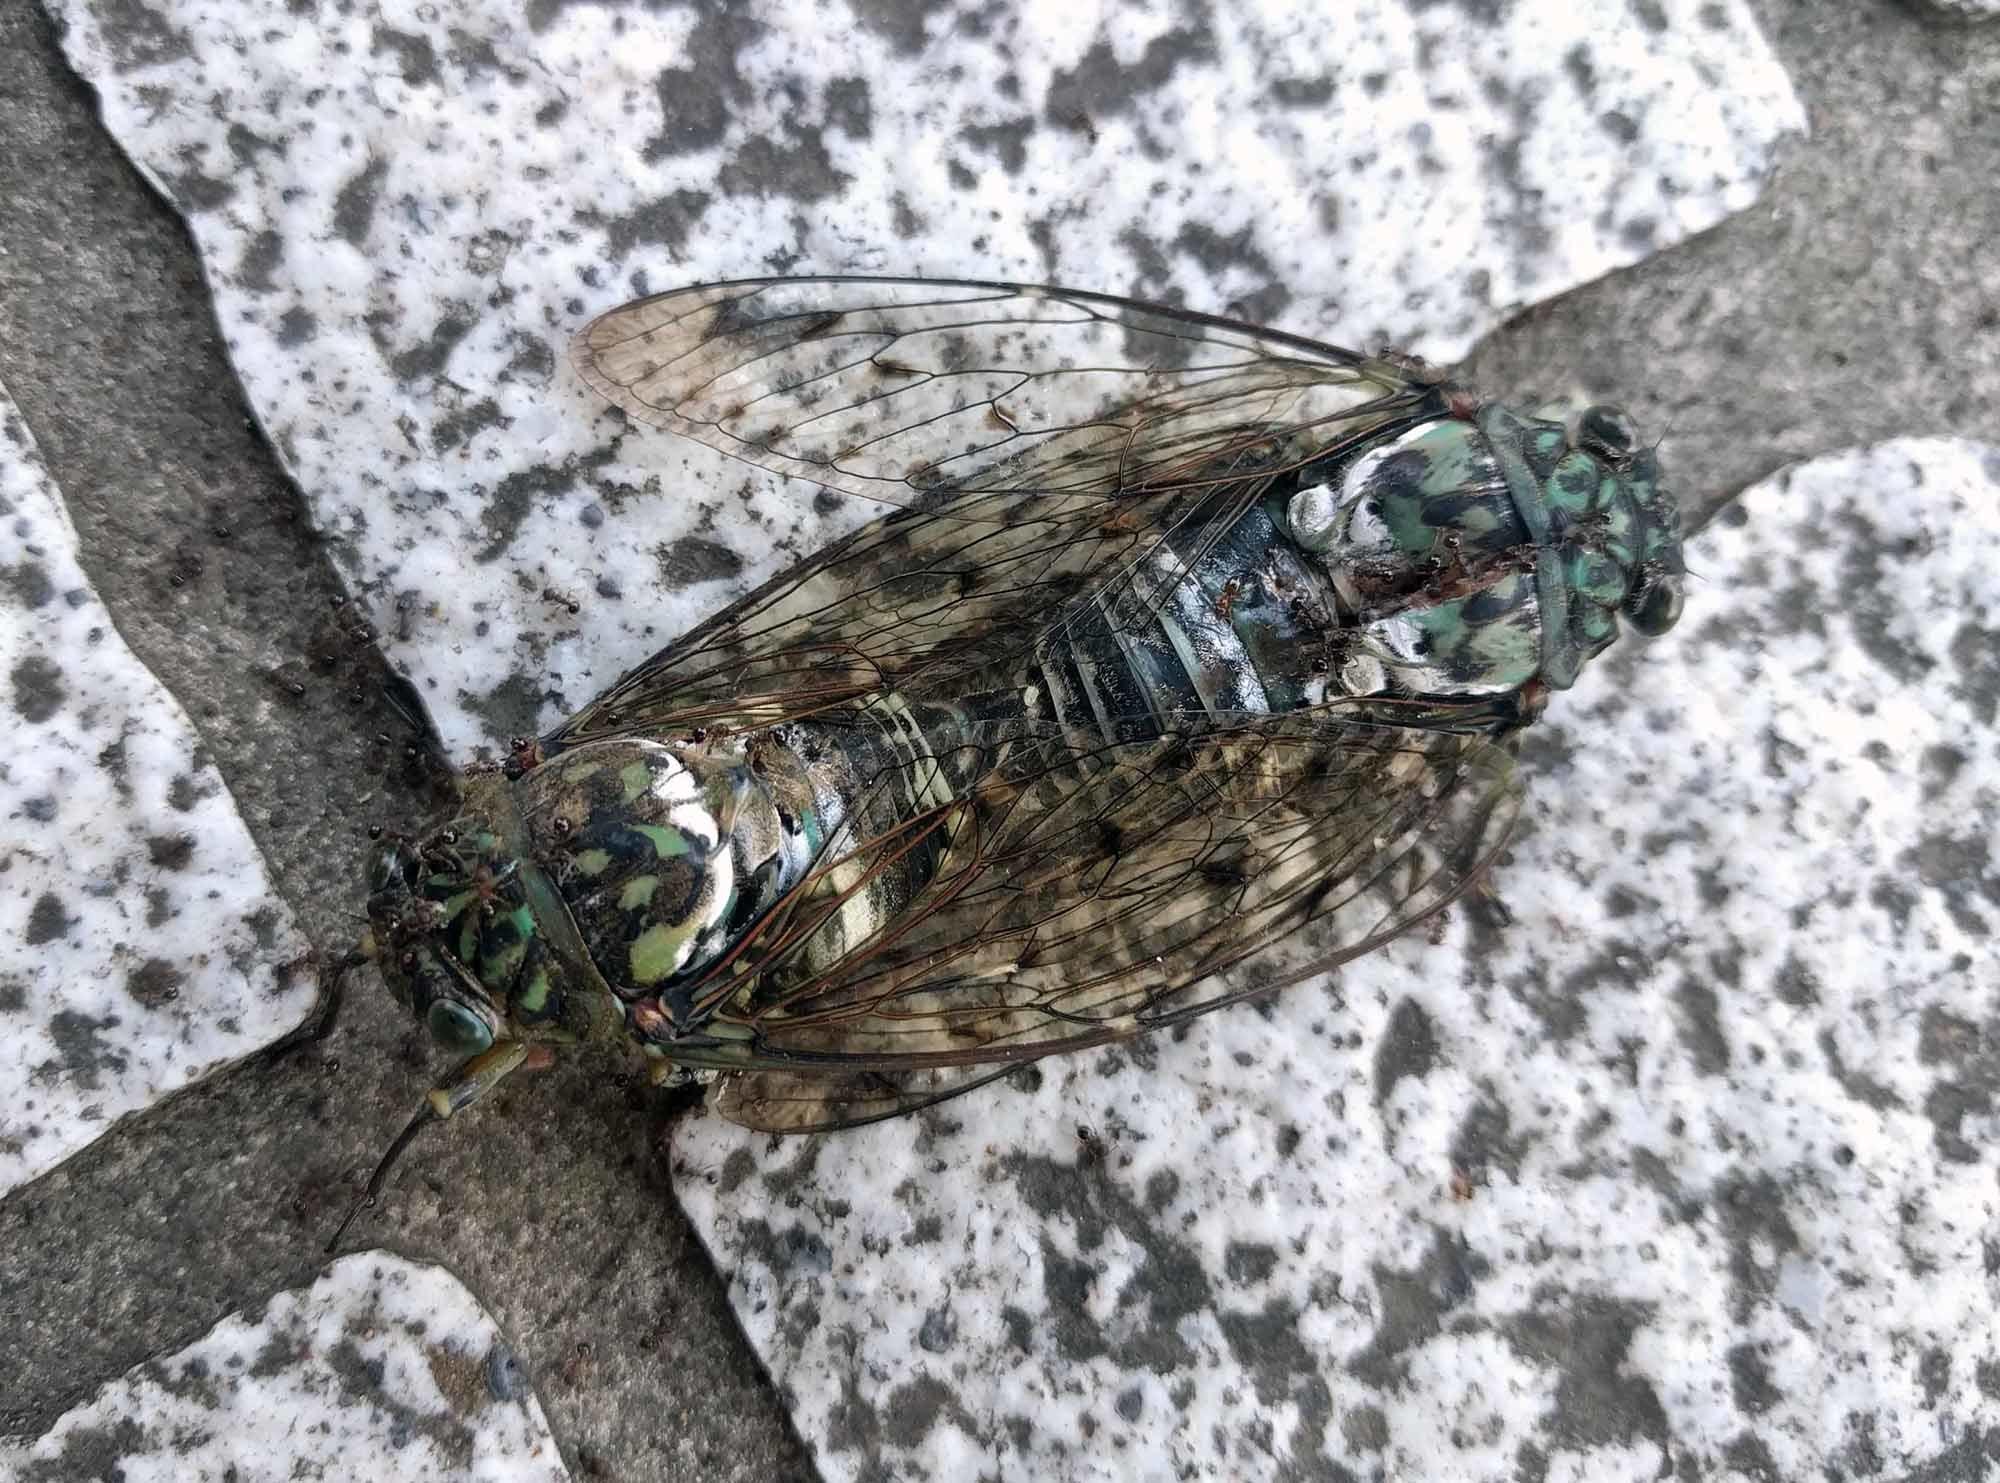 交尾しながらアリに食べられて死につつあるセミ 足を動かして未だに生きている